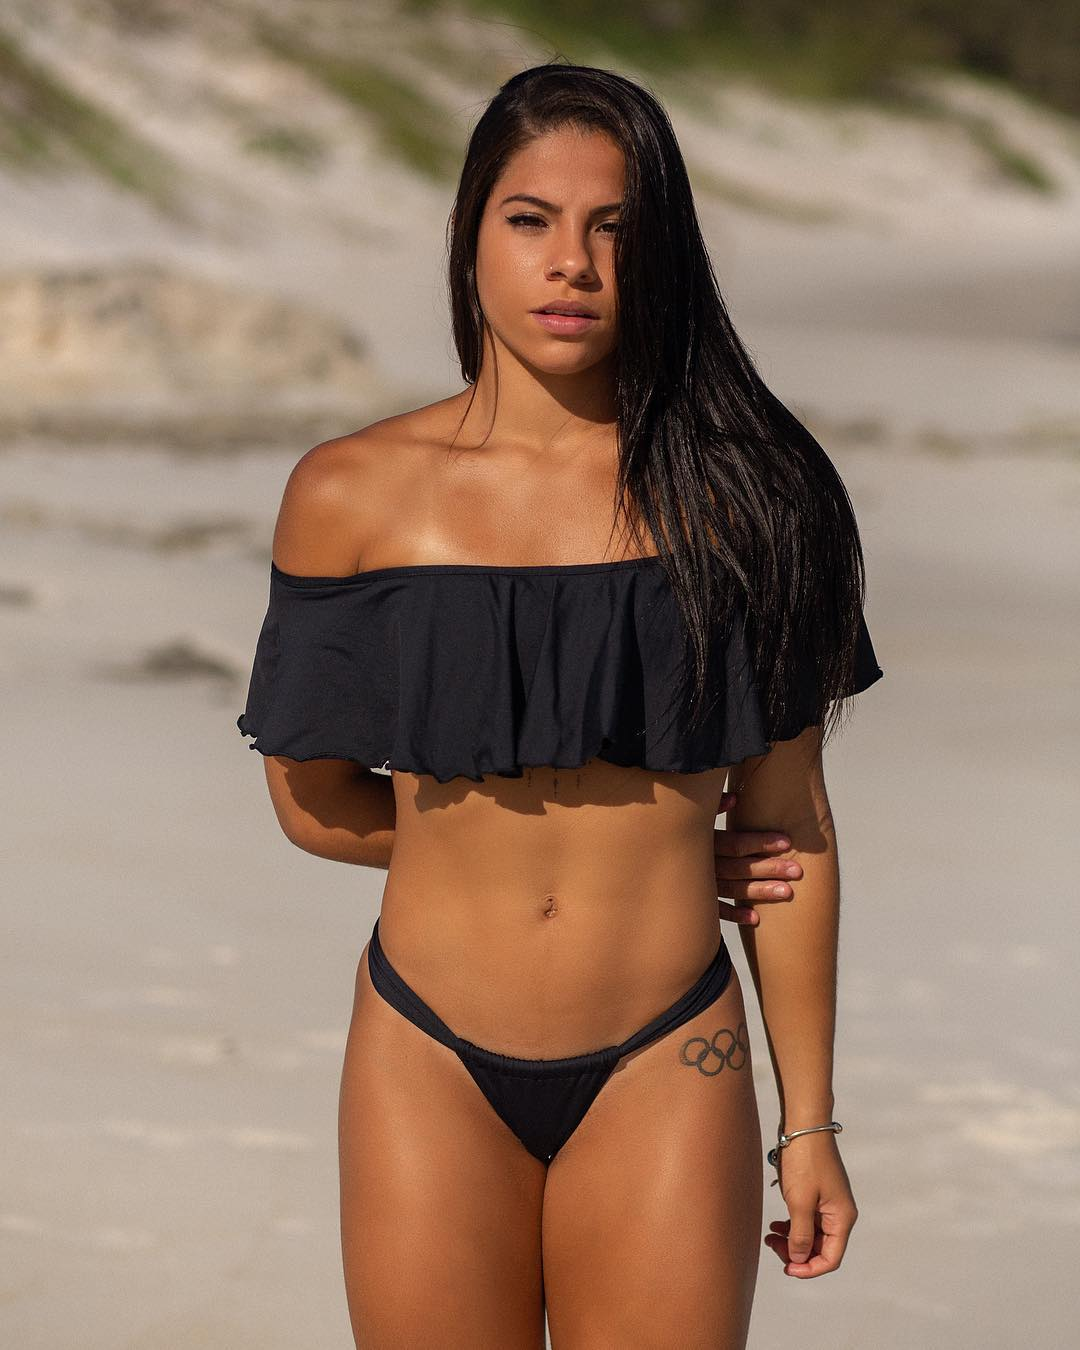 Ingrid Oliveira diz que fizeram com que o seu rabo valesse mais do que uma medalha olímpica